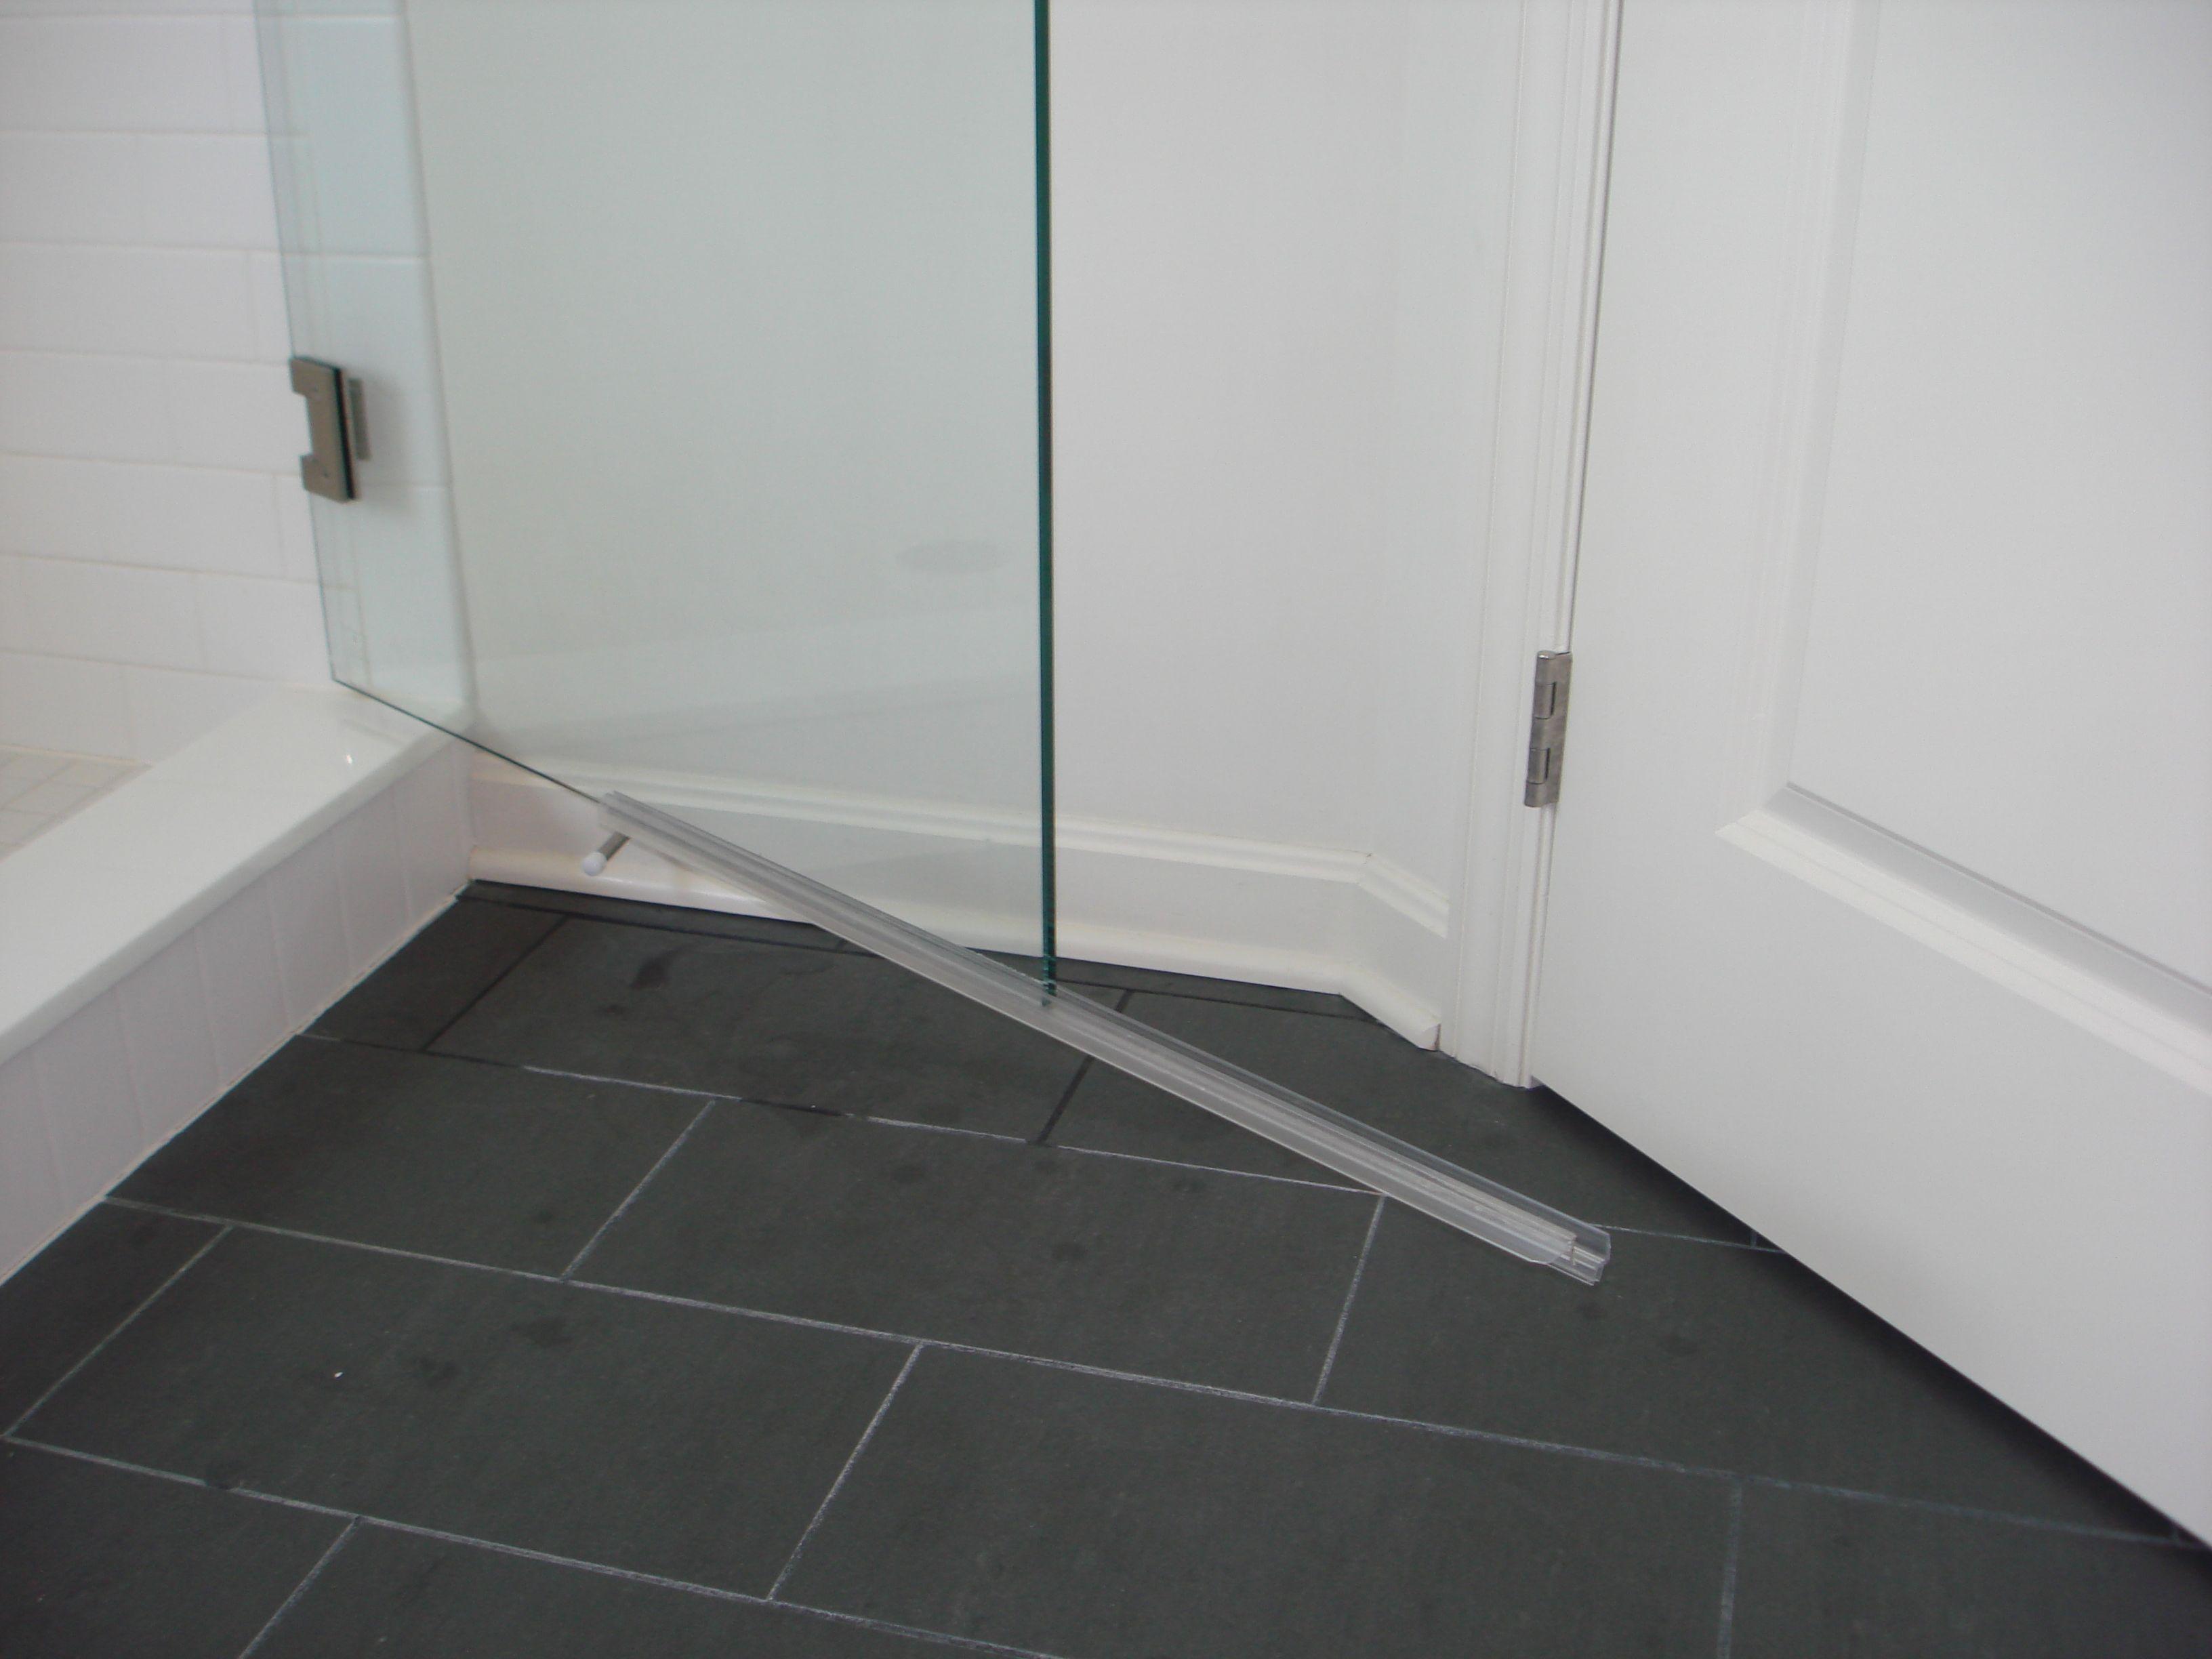 Frameless Glass Shower Door Seal Strip Httpsourceabl